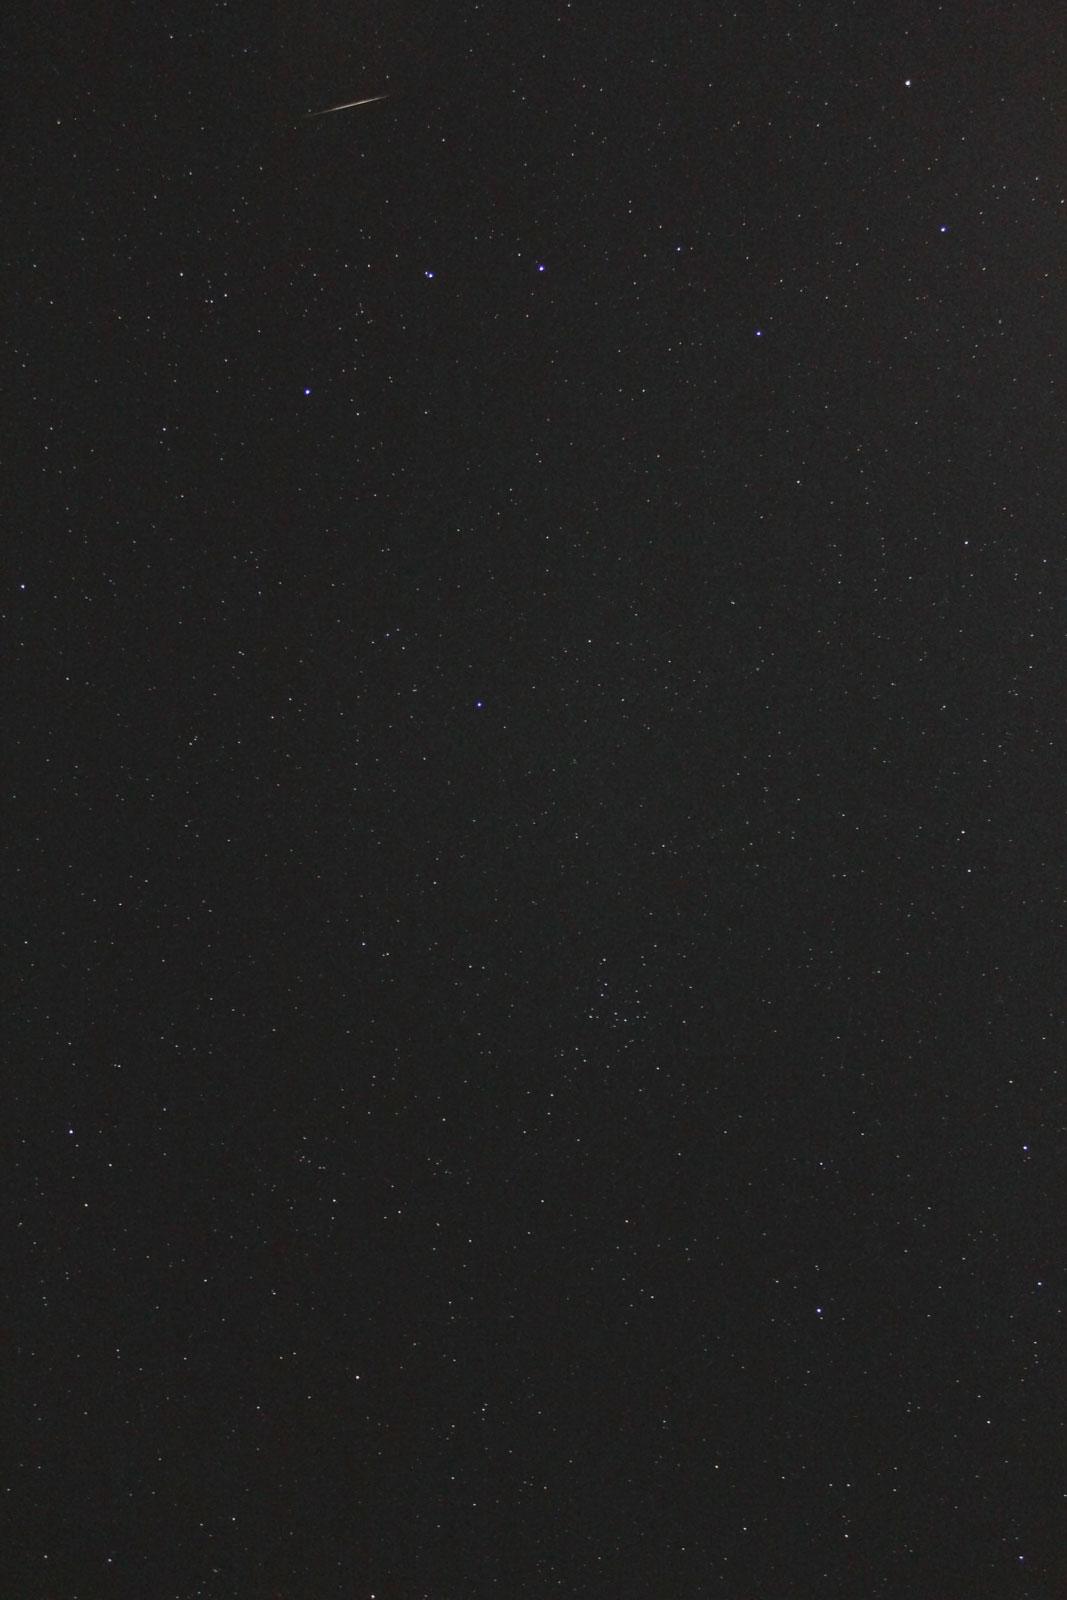 Ss140104_05h52m49